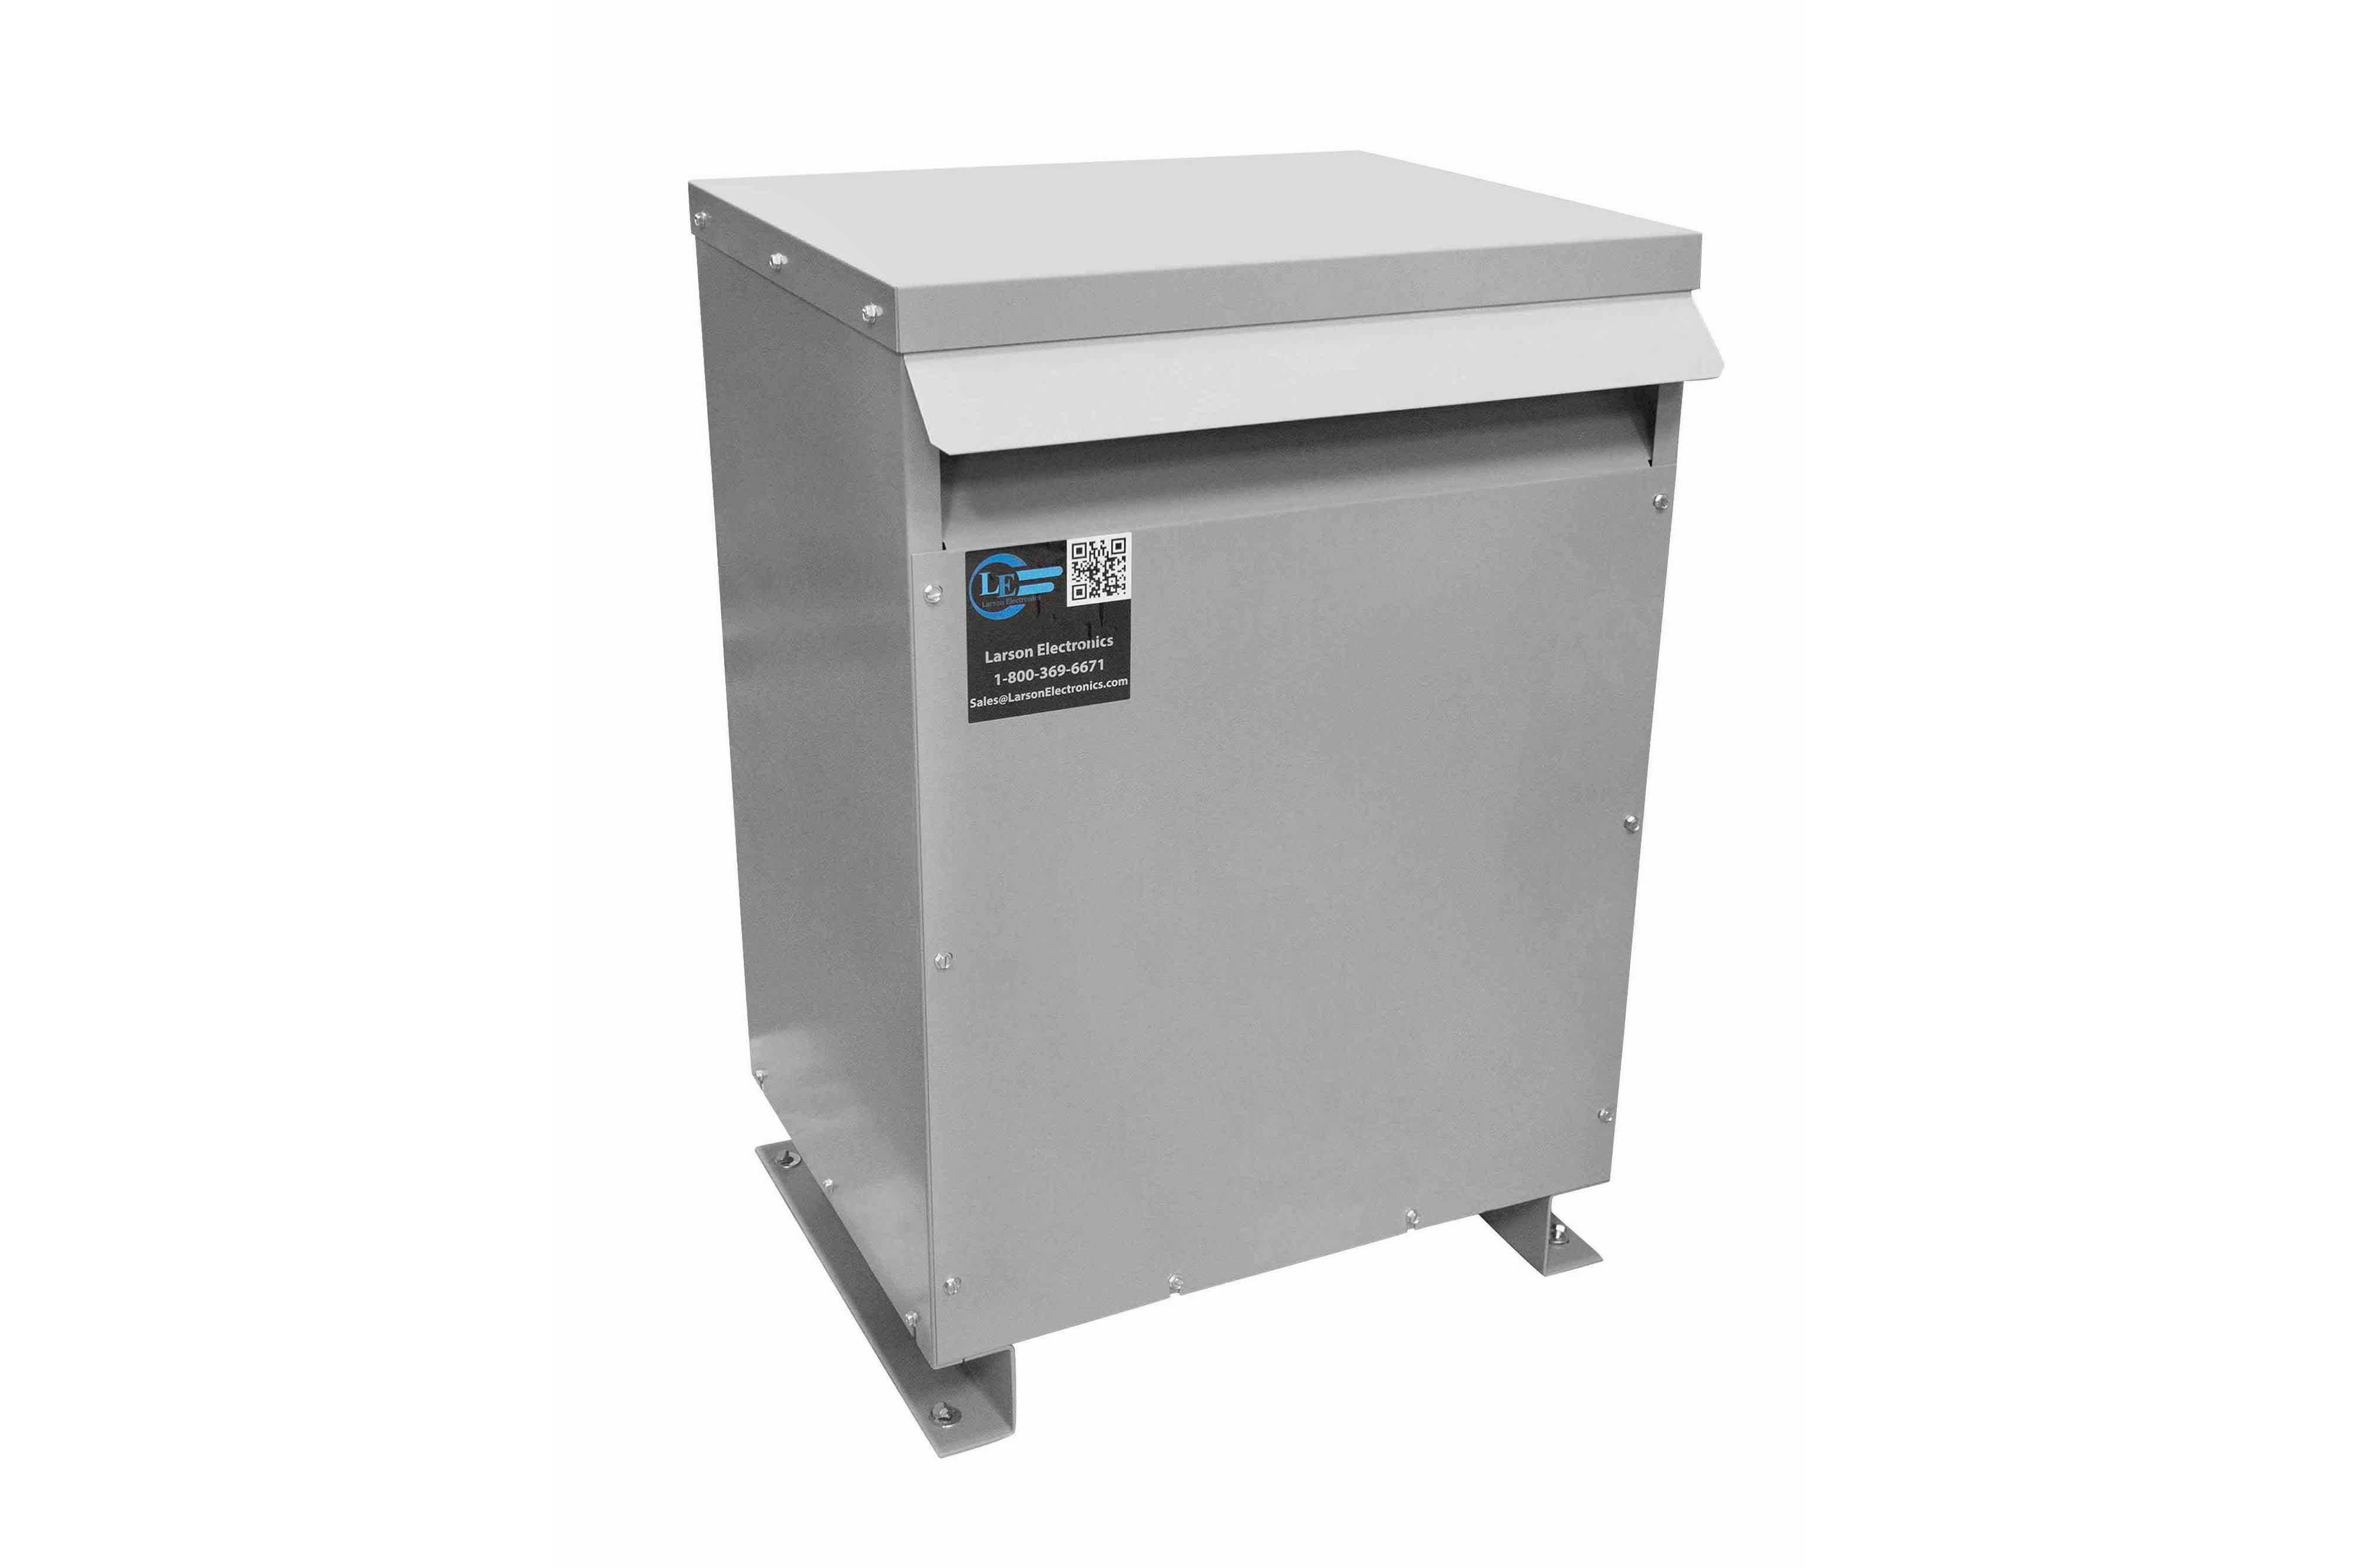 27 kVA 3PH Isolation Transformer, 380V Delta Primary, 600V Delta Secondary, N3R, Ventilated, 60 Hz